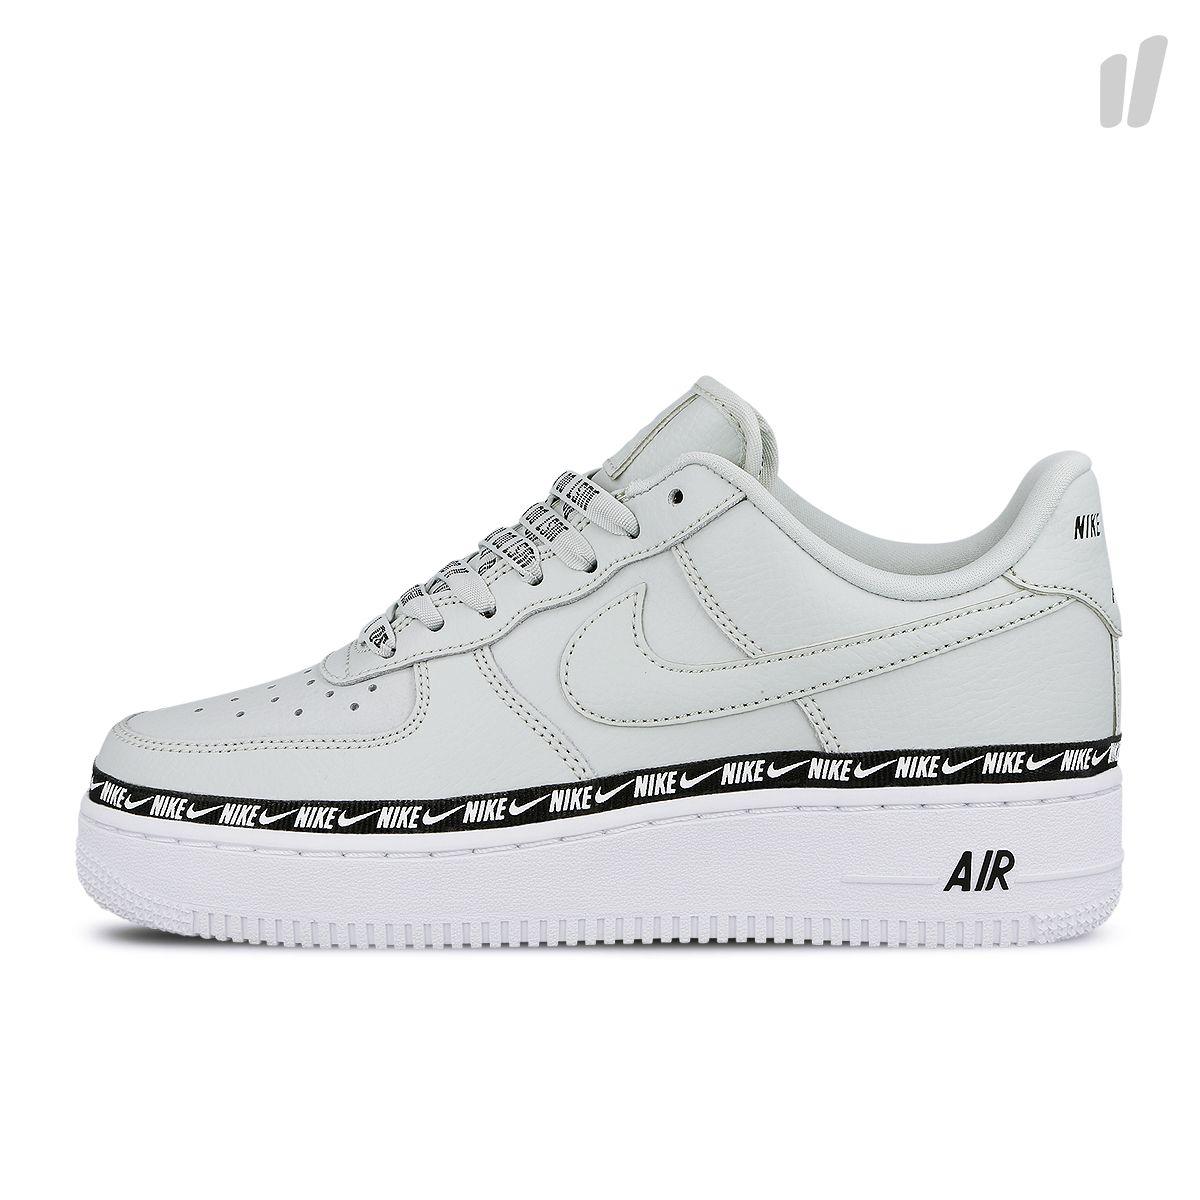 Pin On Sneakers Streetwear Sales Deals